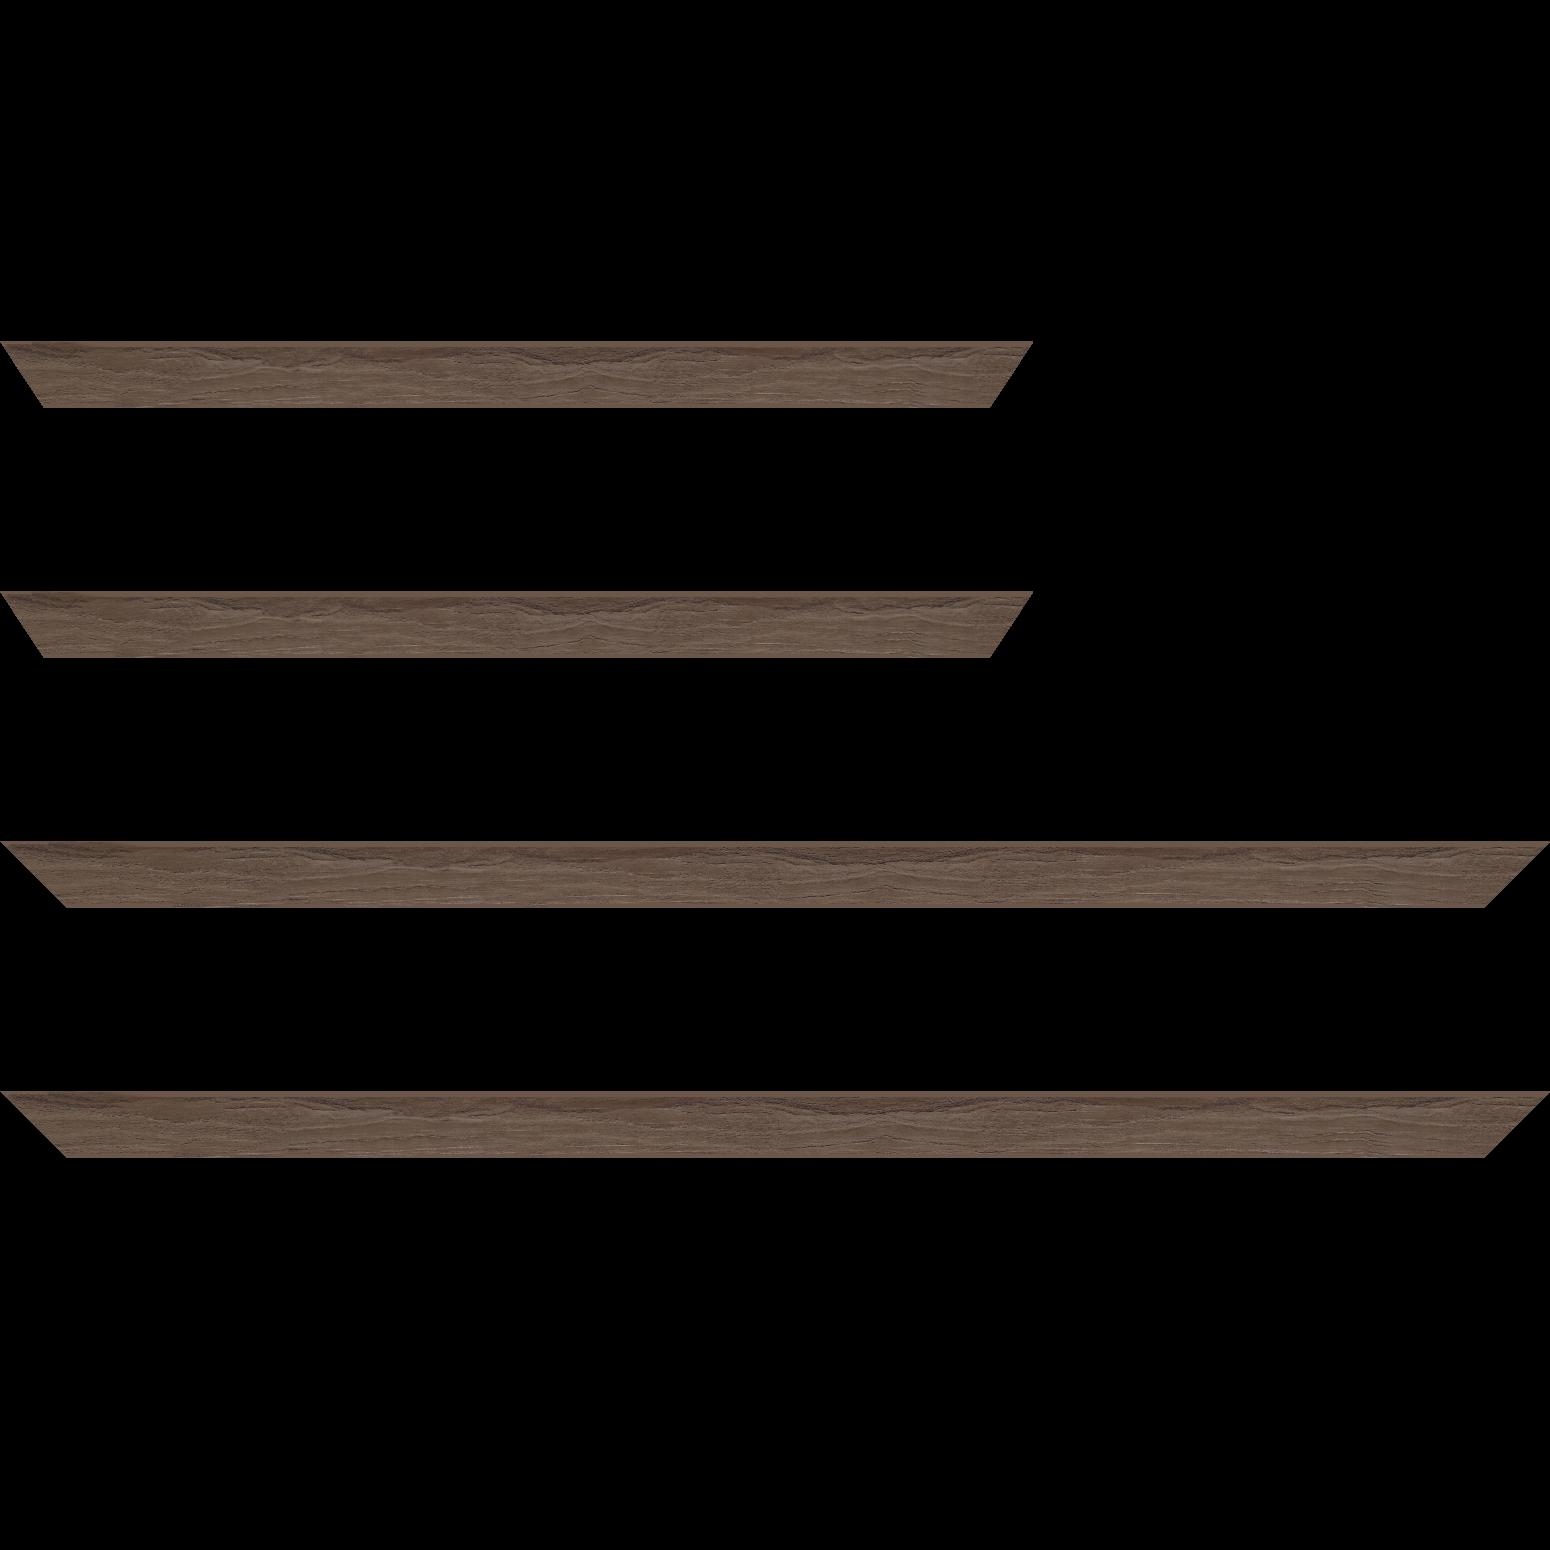 Baguette service précoupé Bois profil plat largeur 2cm décor bois noyer